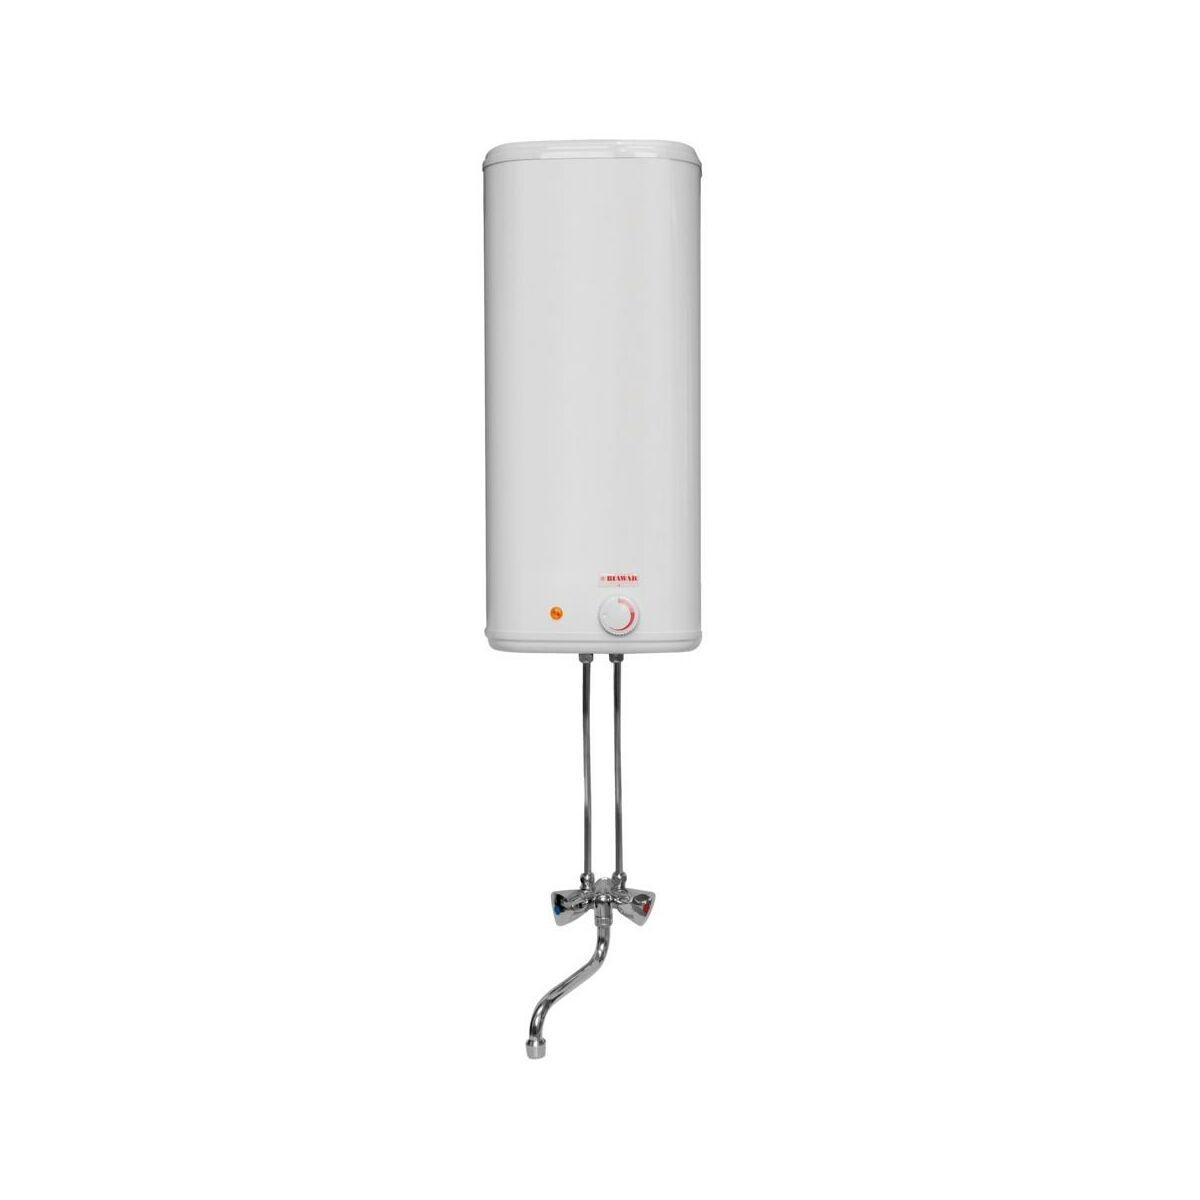 Elektryczny Podgrzewacz Wody Ow B 10l 1500 W Biawar Pojemnosciowe Elektryczne W Atrakcyjnej Cenie W Sklepach Leroy Merlin